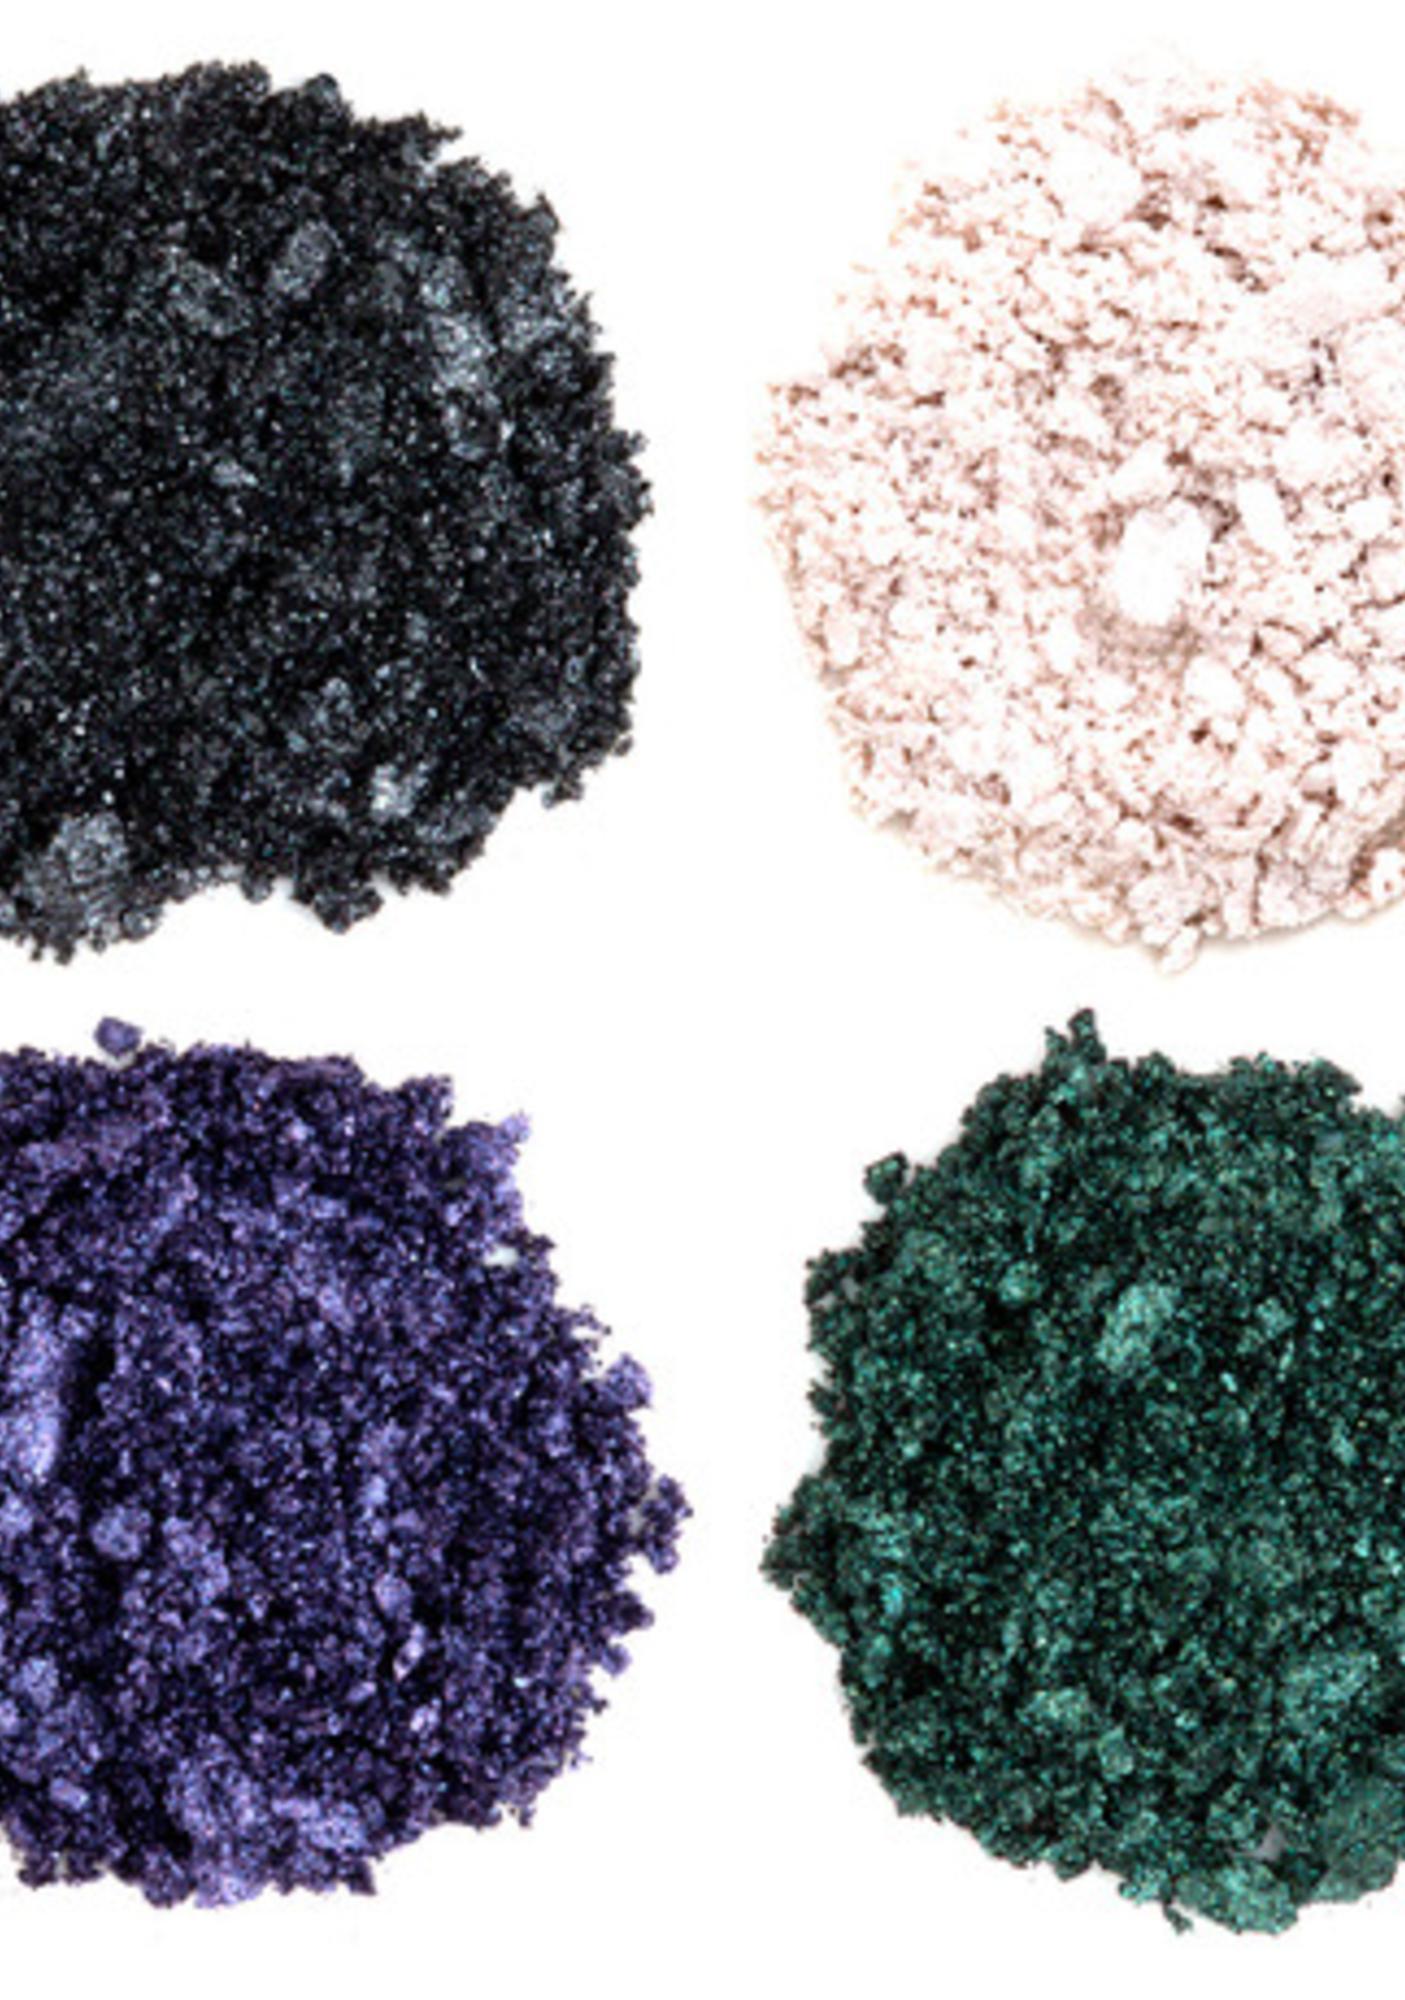 Sugarpill Cold Chemistry Palette